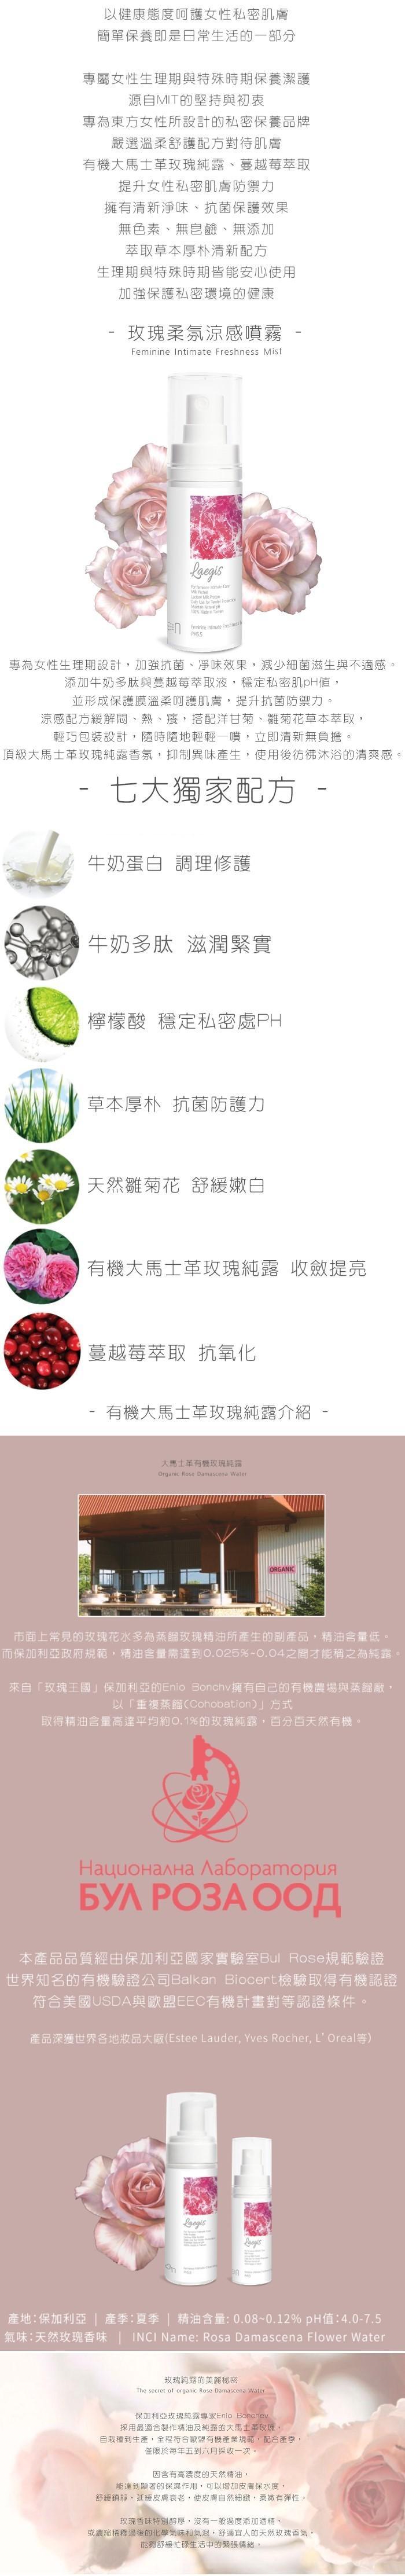 莉蕾舒-玫瑰柔氛涼感噴霧(30ml)產品資訊